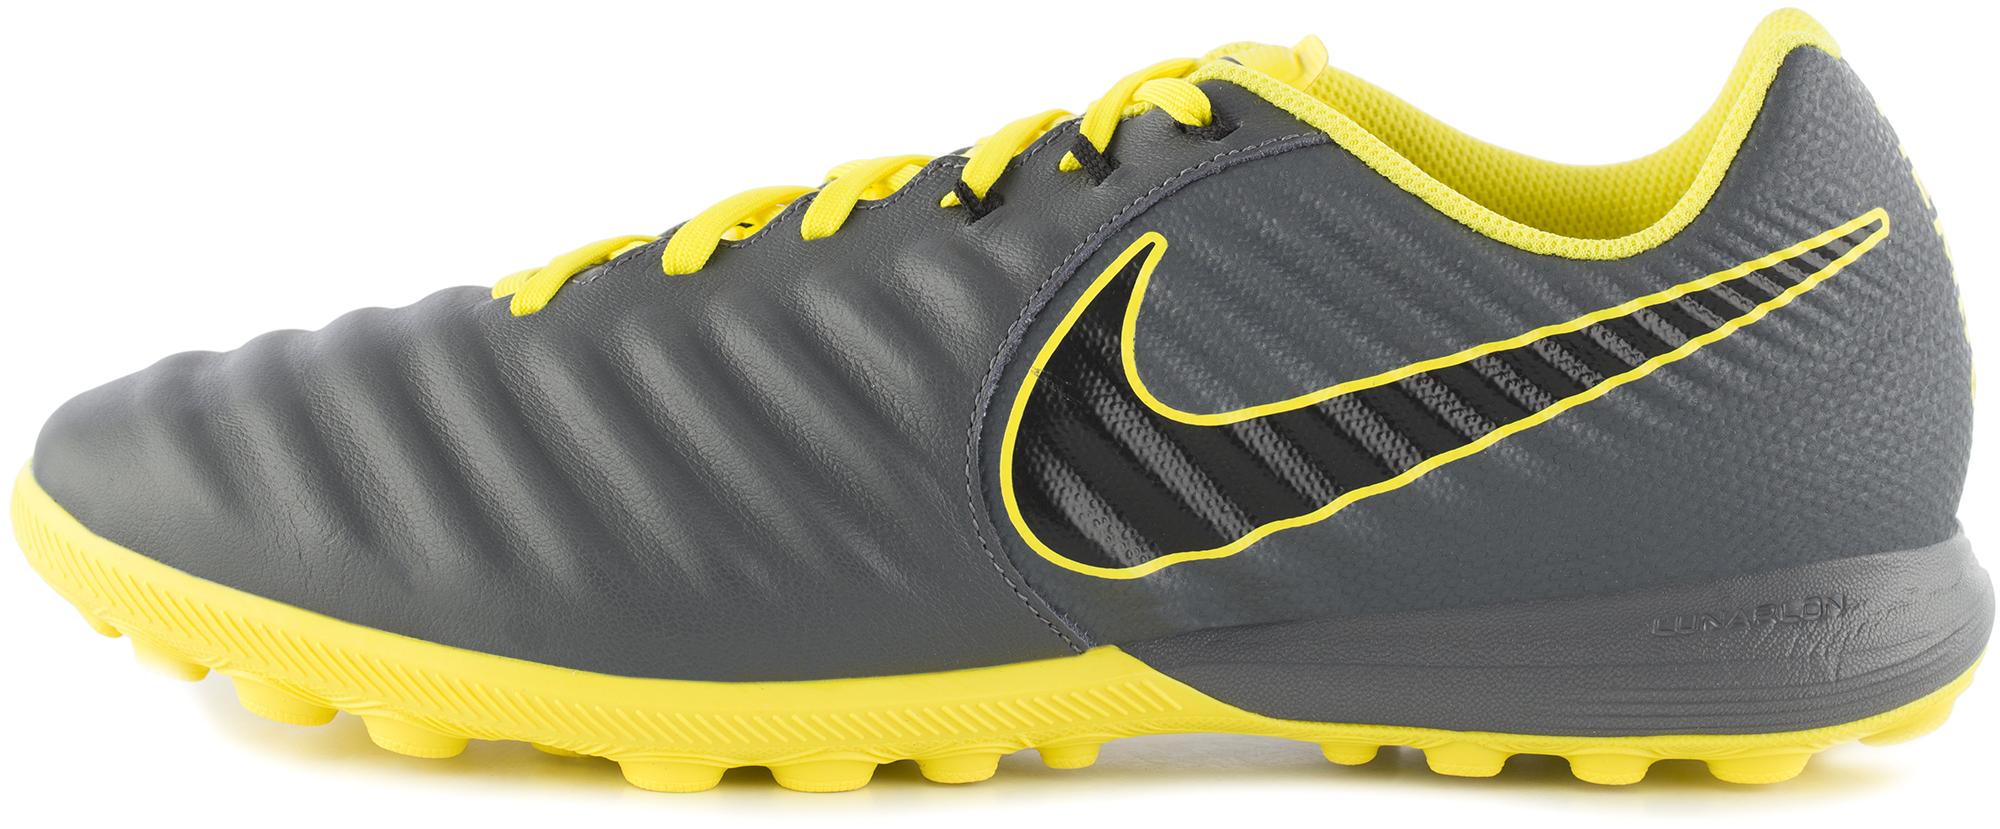 Nike Бутсы мужские Nike Lunar Legend 7 Pro TF, размер 45 цена 2017